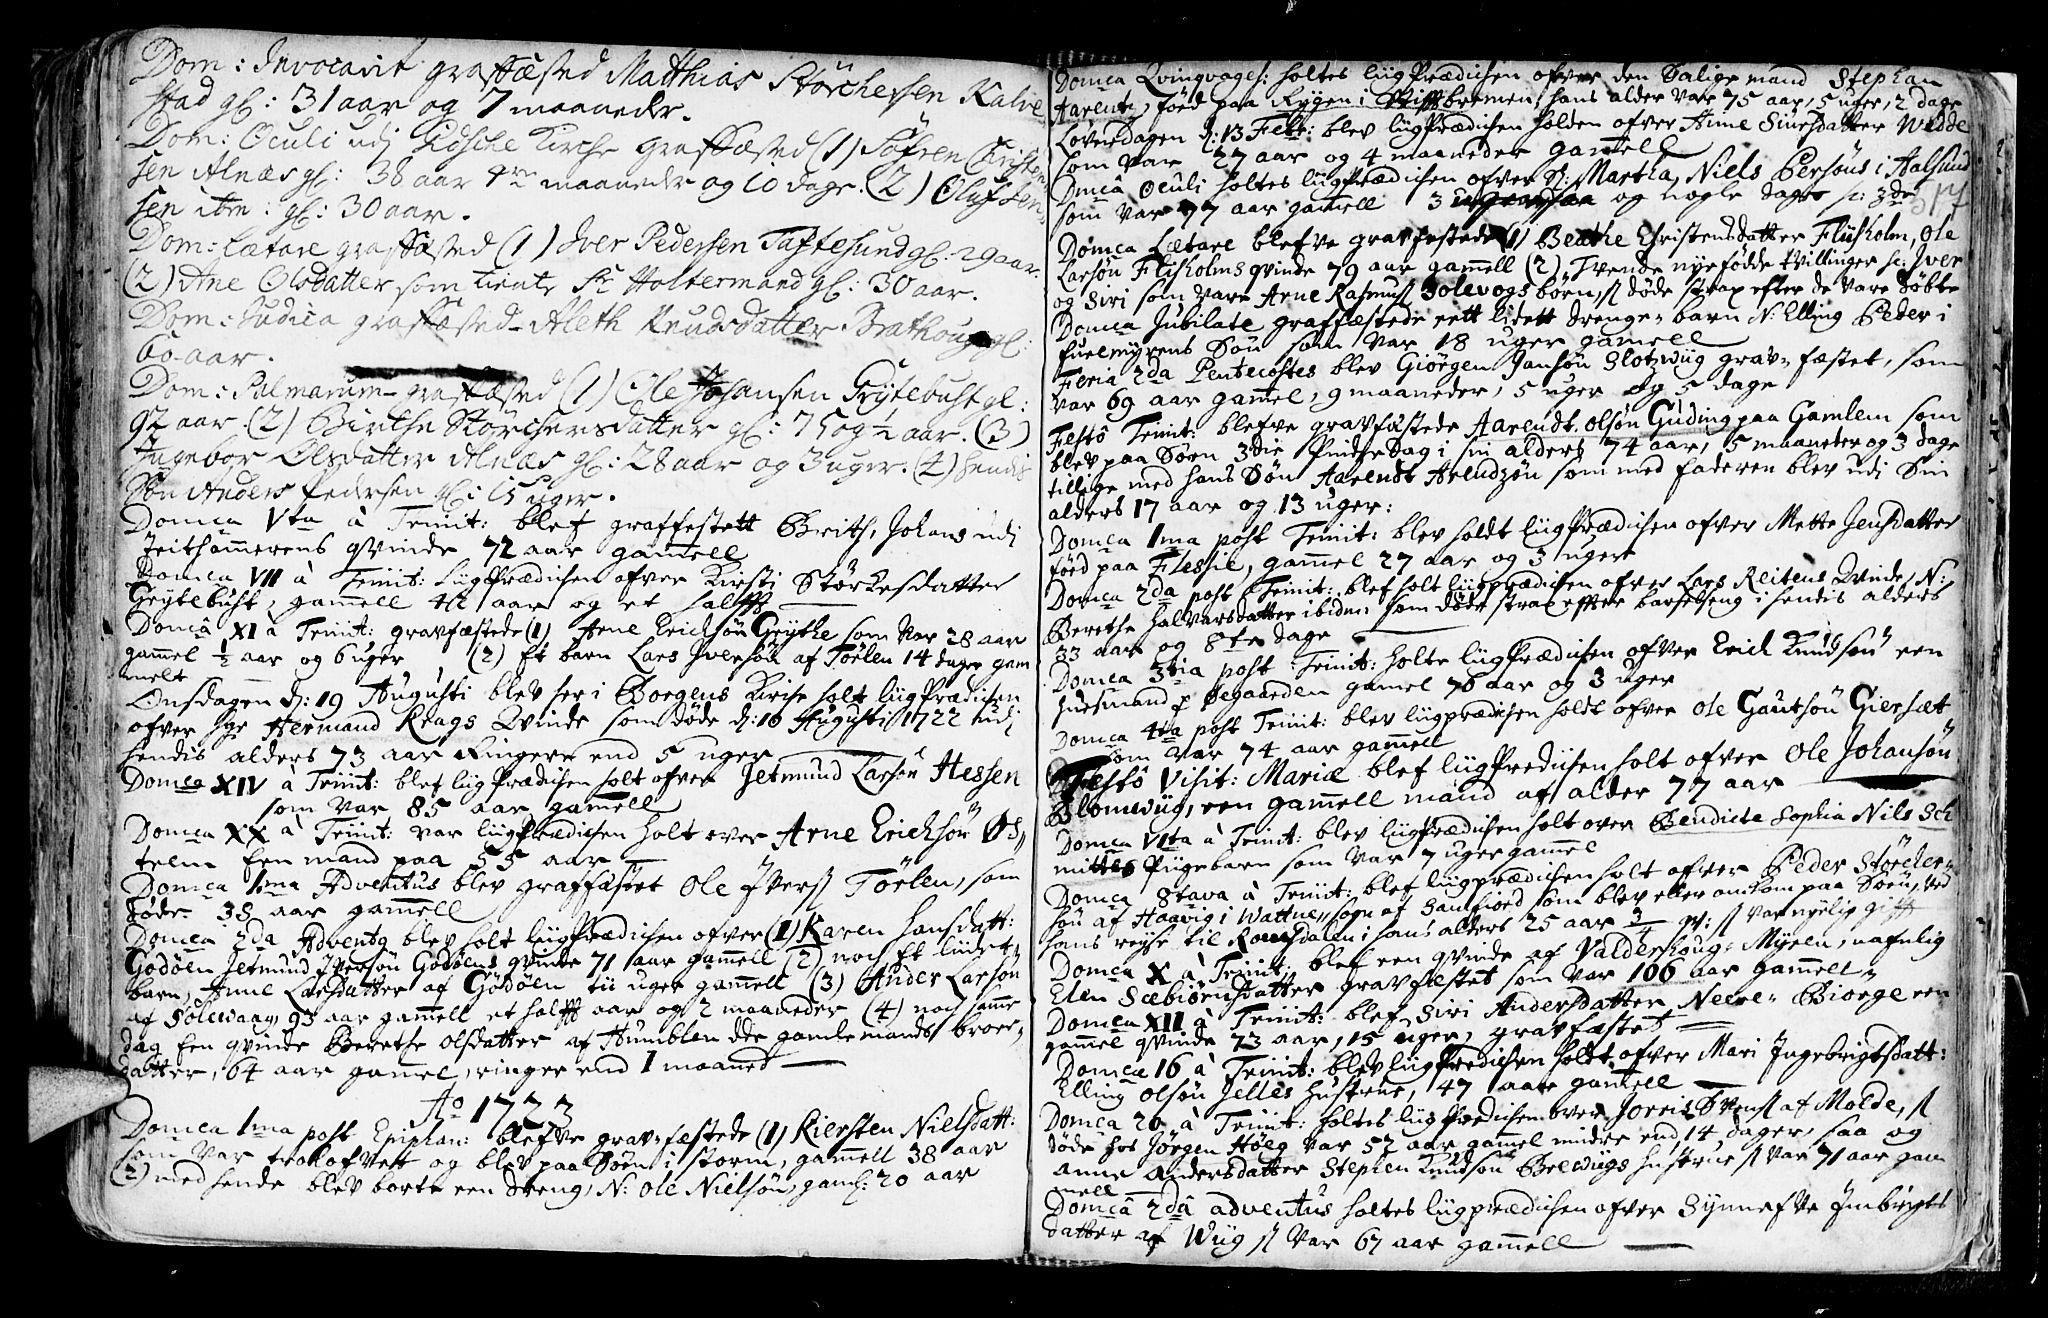 SAT, Ministerialprotokoller, klokkerbøker og fødselsregistre - Møre og Romsdal, 528/L0390: Ministerialbok nr. 528A01, 1698-1739, s. 516-517